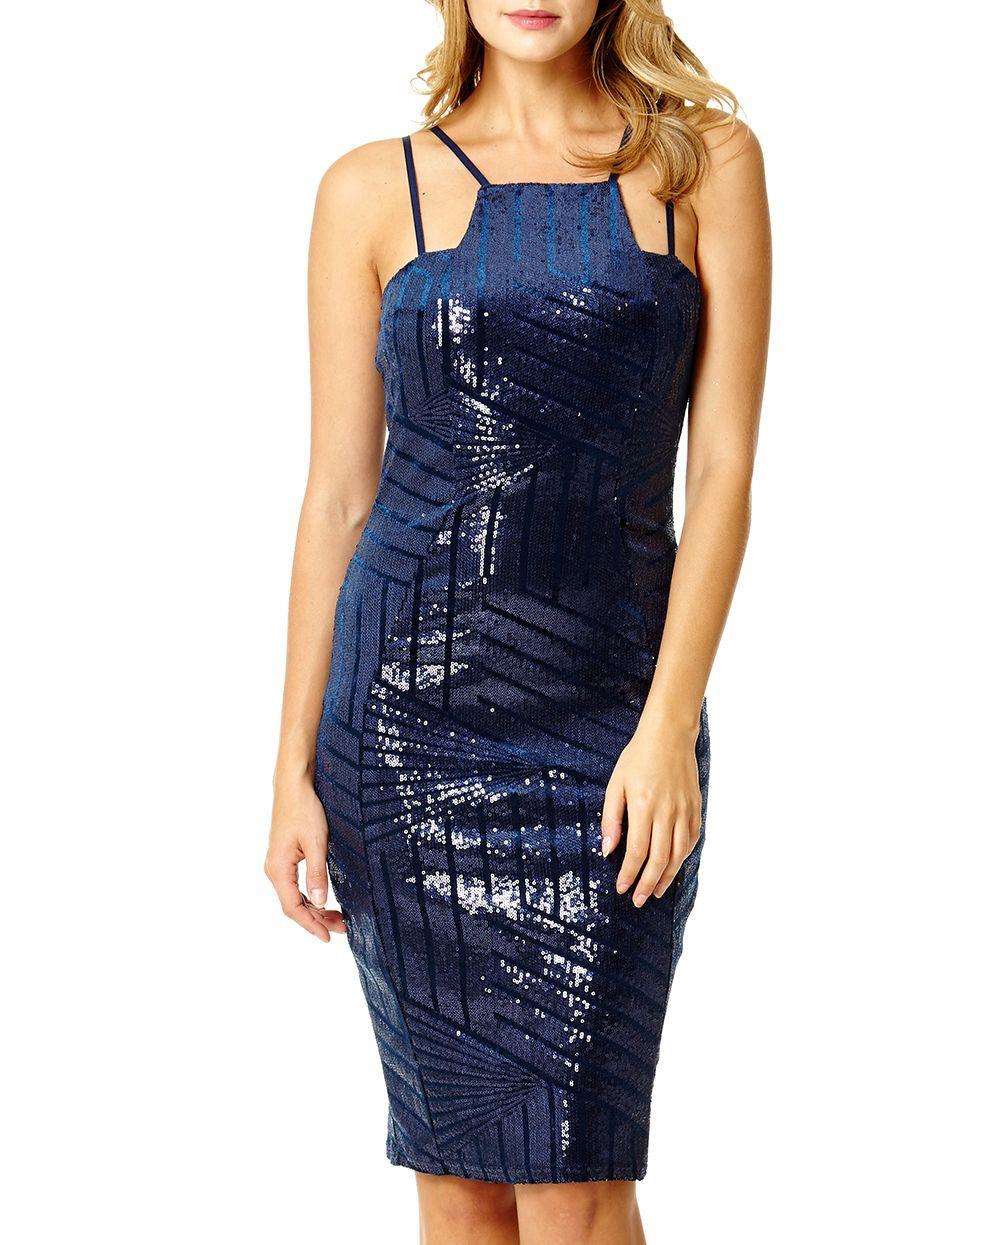 Velvet Sequin Dress